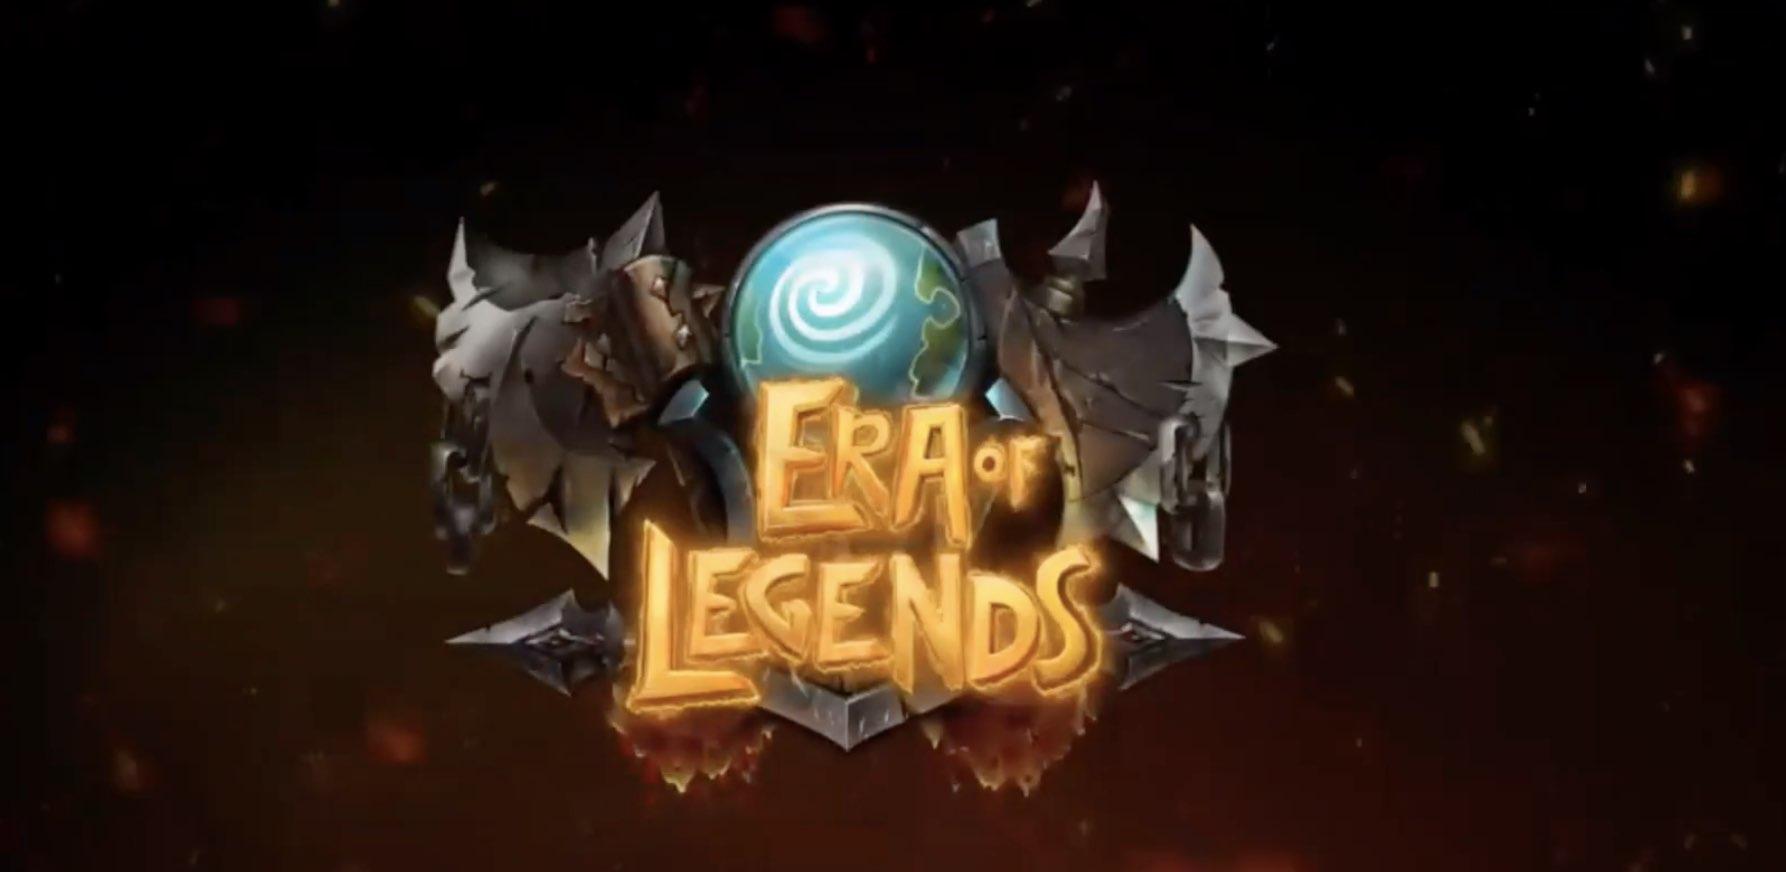 Era of Legends hack relics